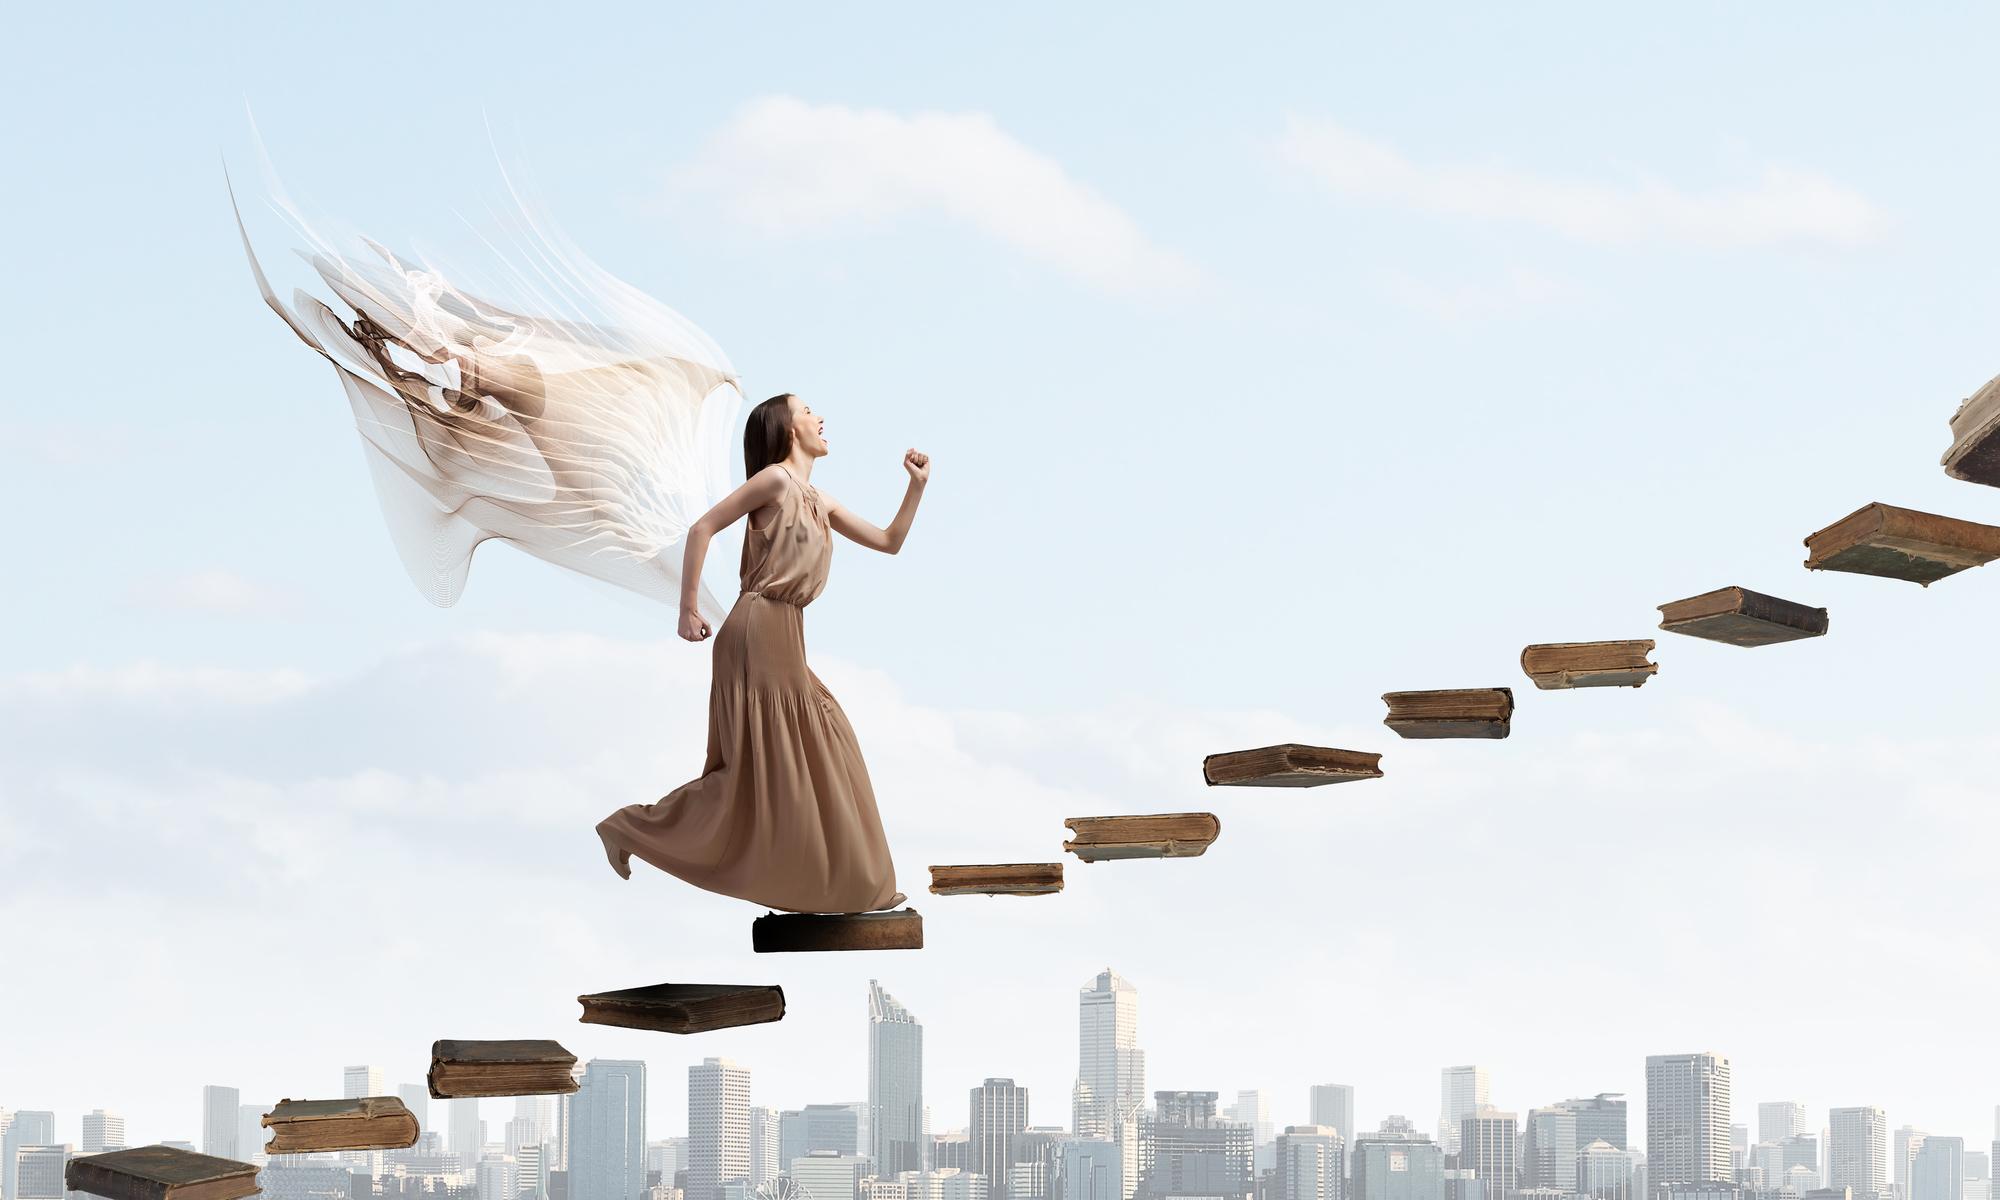 「人生が好転するタイミング」か「人生が悪化する」のか、己次第の次元前!?